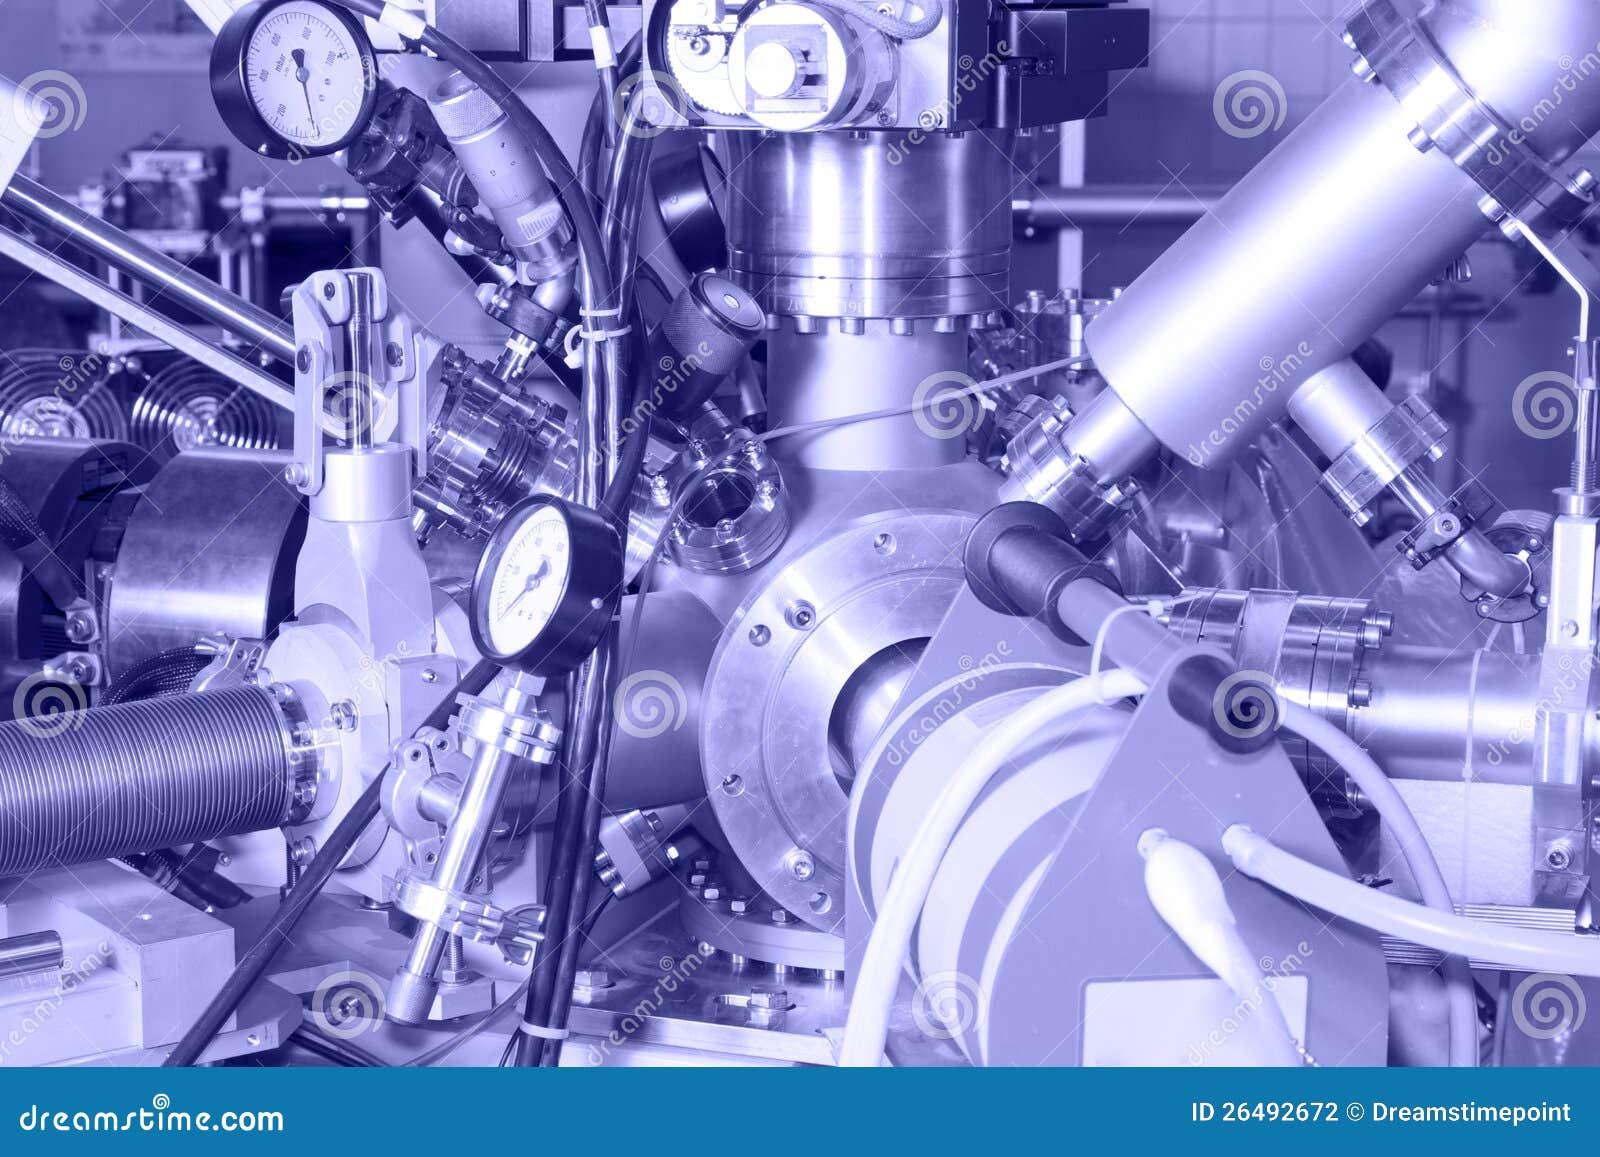 离子加速器的电子零件